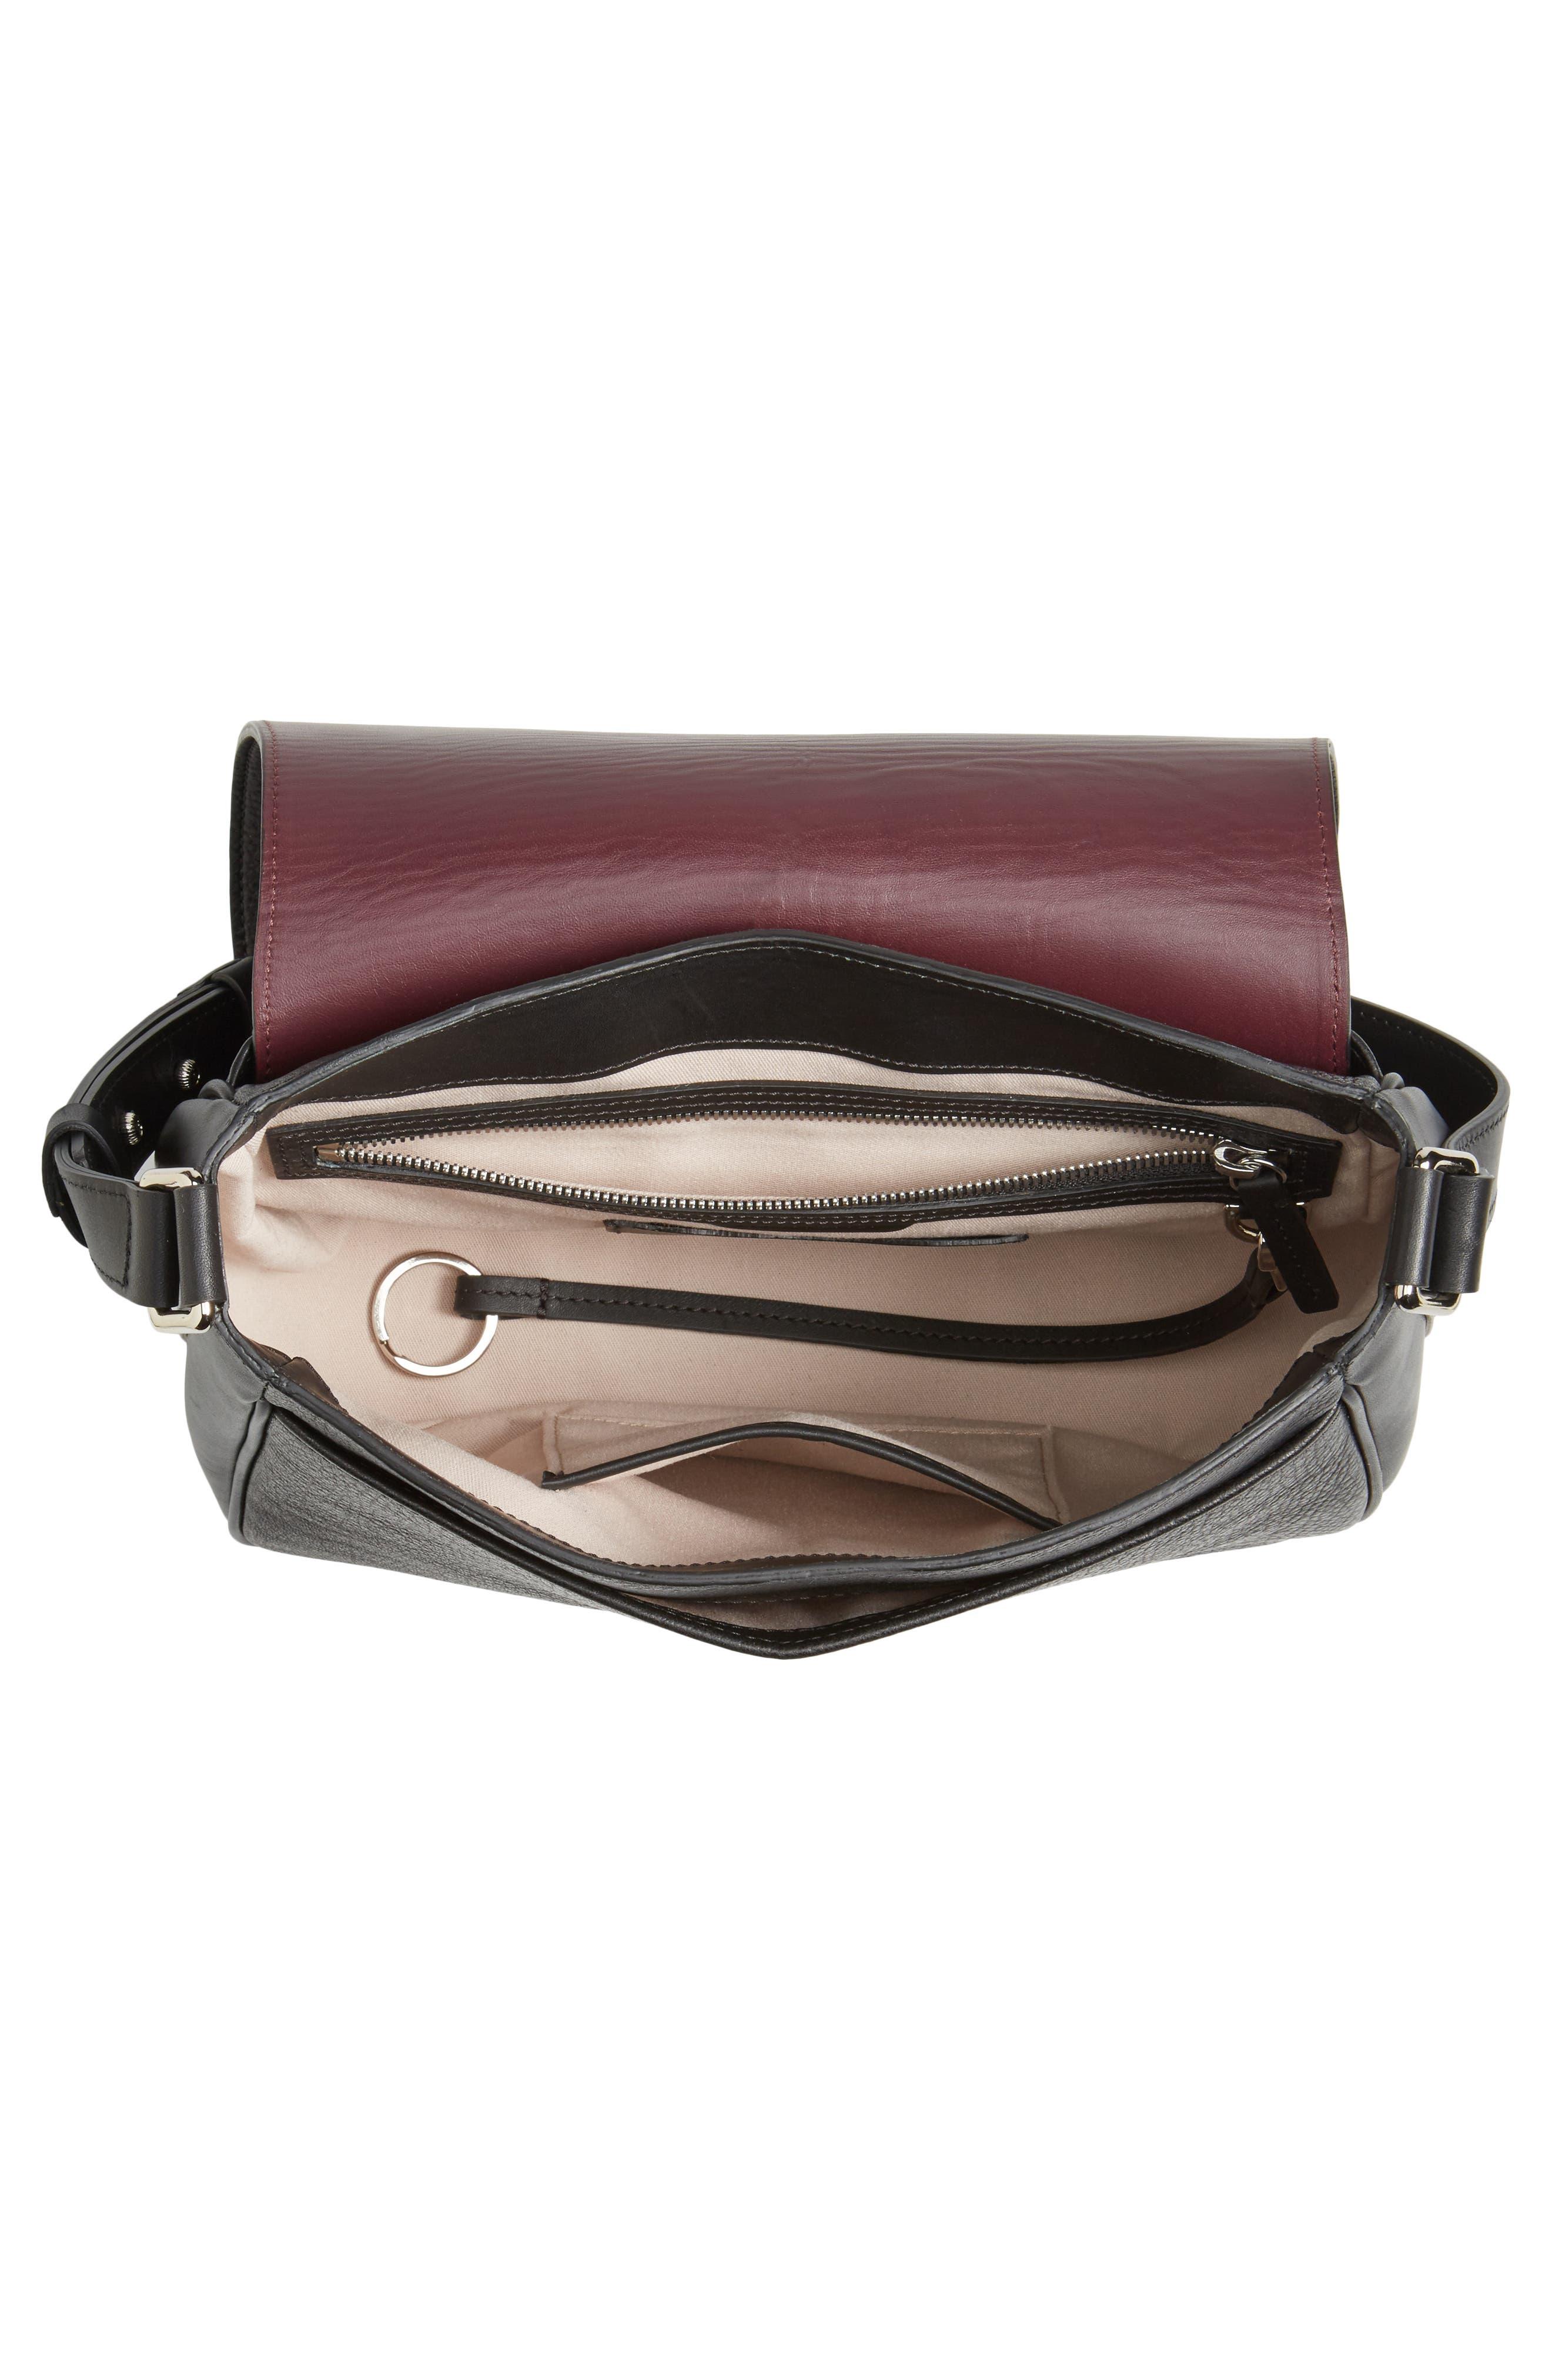 Calfskin Leather Shoulder Bag,                             Alternate thumbnail 4, color,                             001